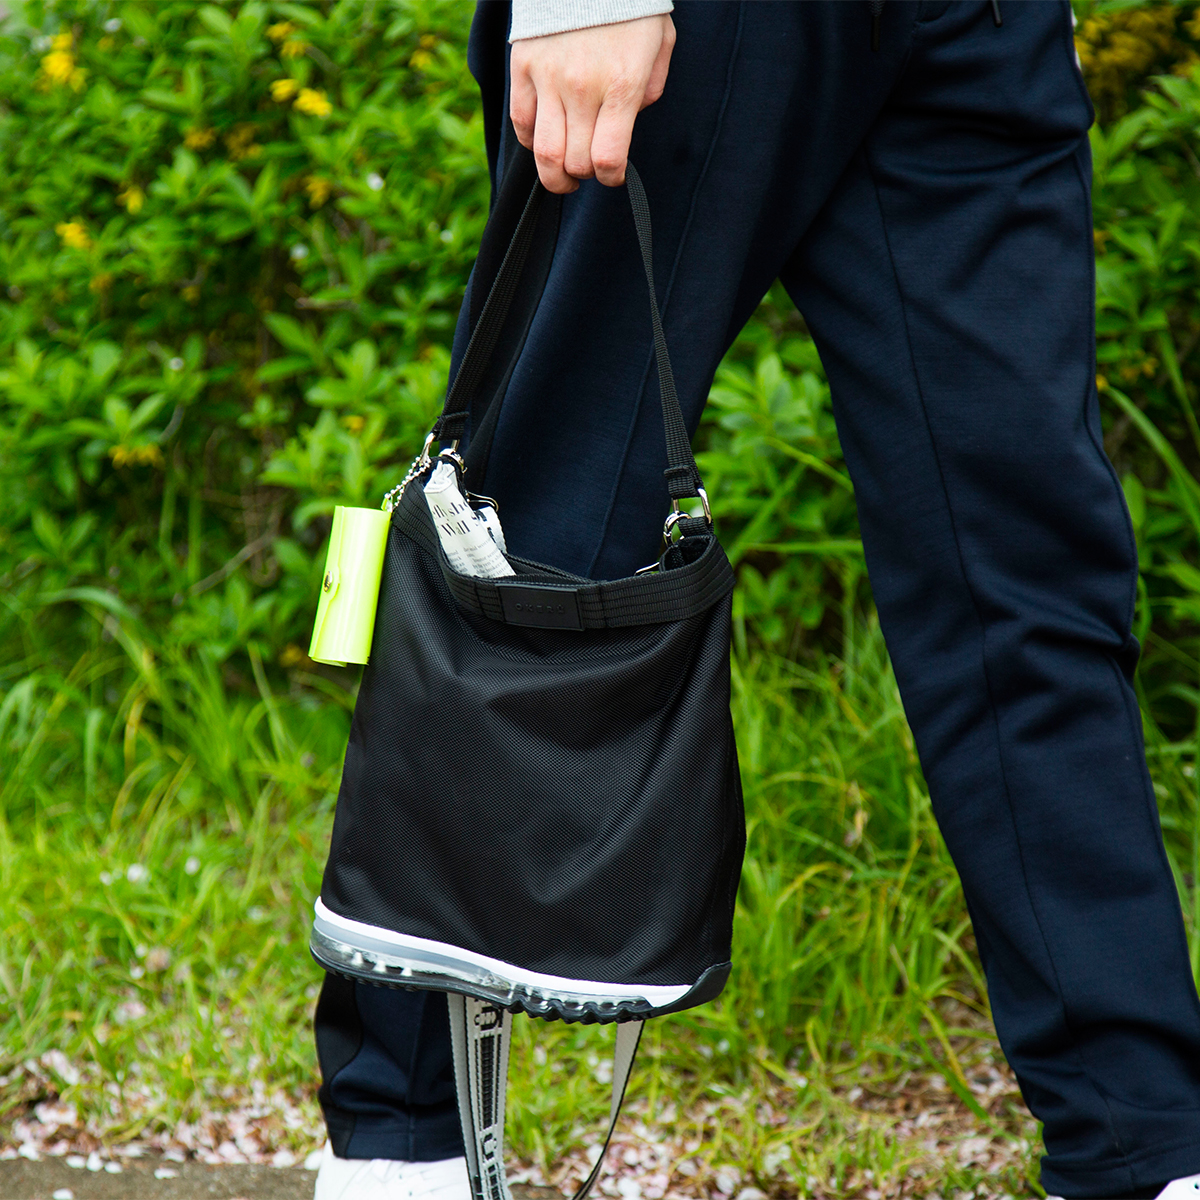 ショルダーストラップは取り外し可能。手提げバッグとしても使える。床・地面・土の上でも、迷いなく置ける。あの傑作スニーカーのエアソールを履いた「遊びトート」| OKERU MONOCO限定